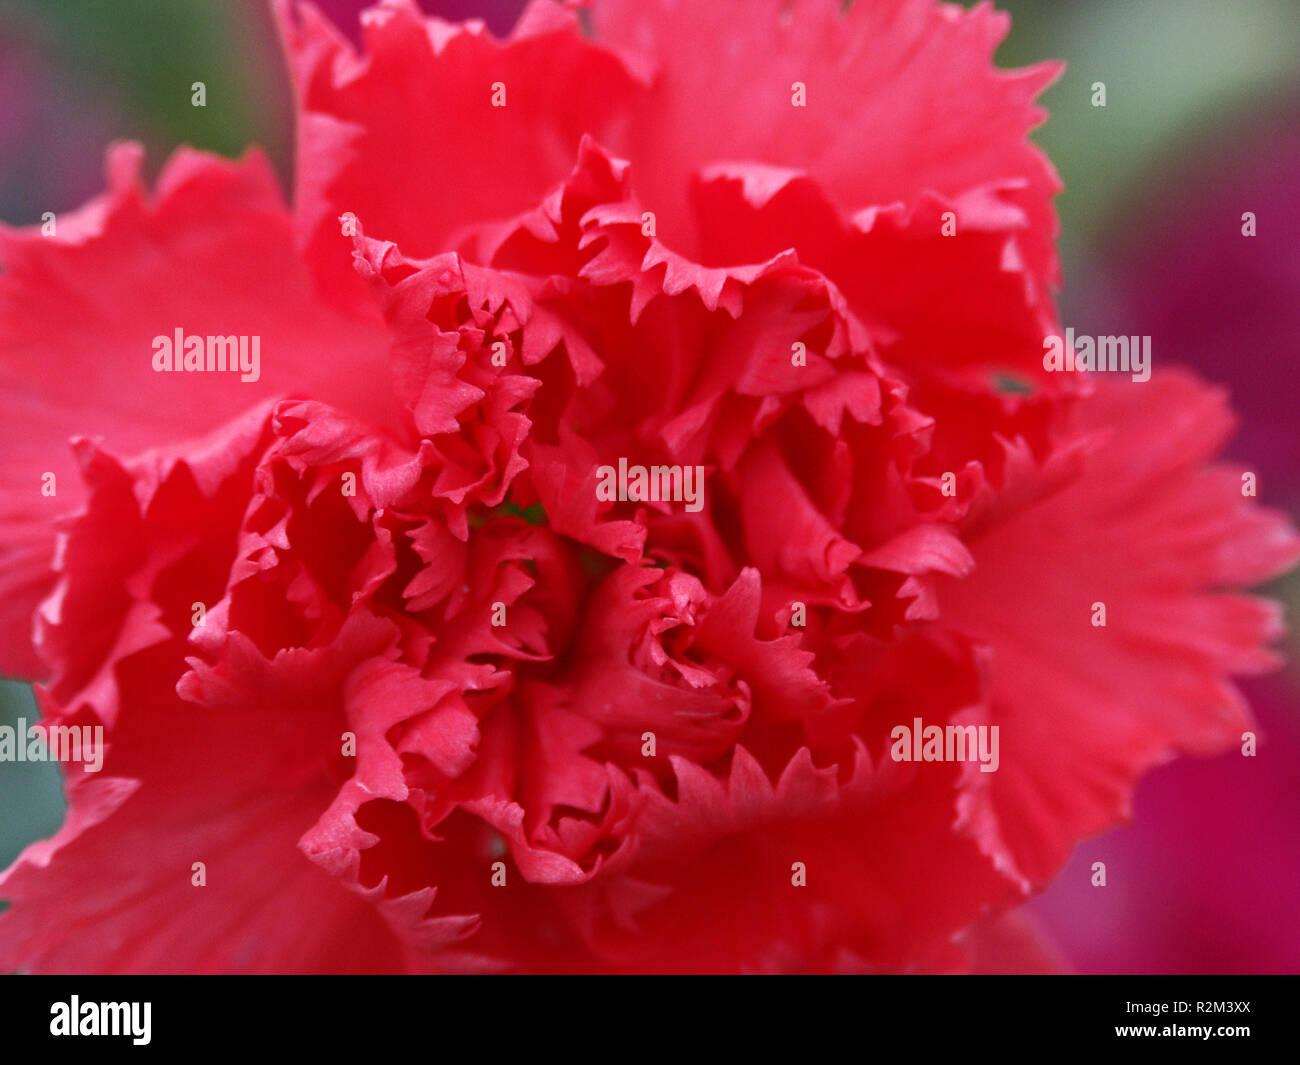 carnation - Stock Image